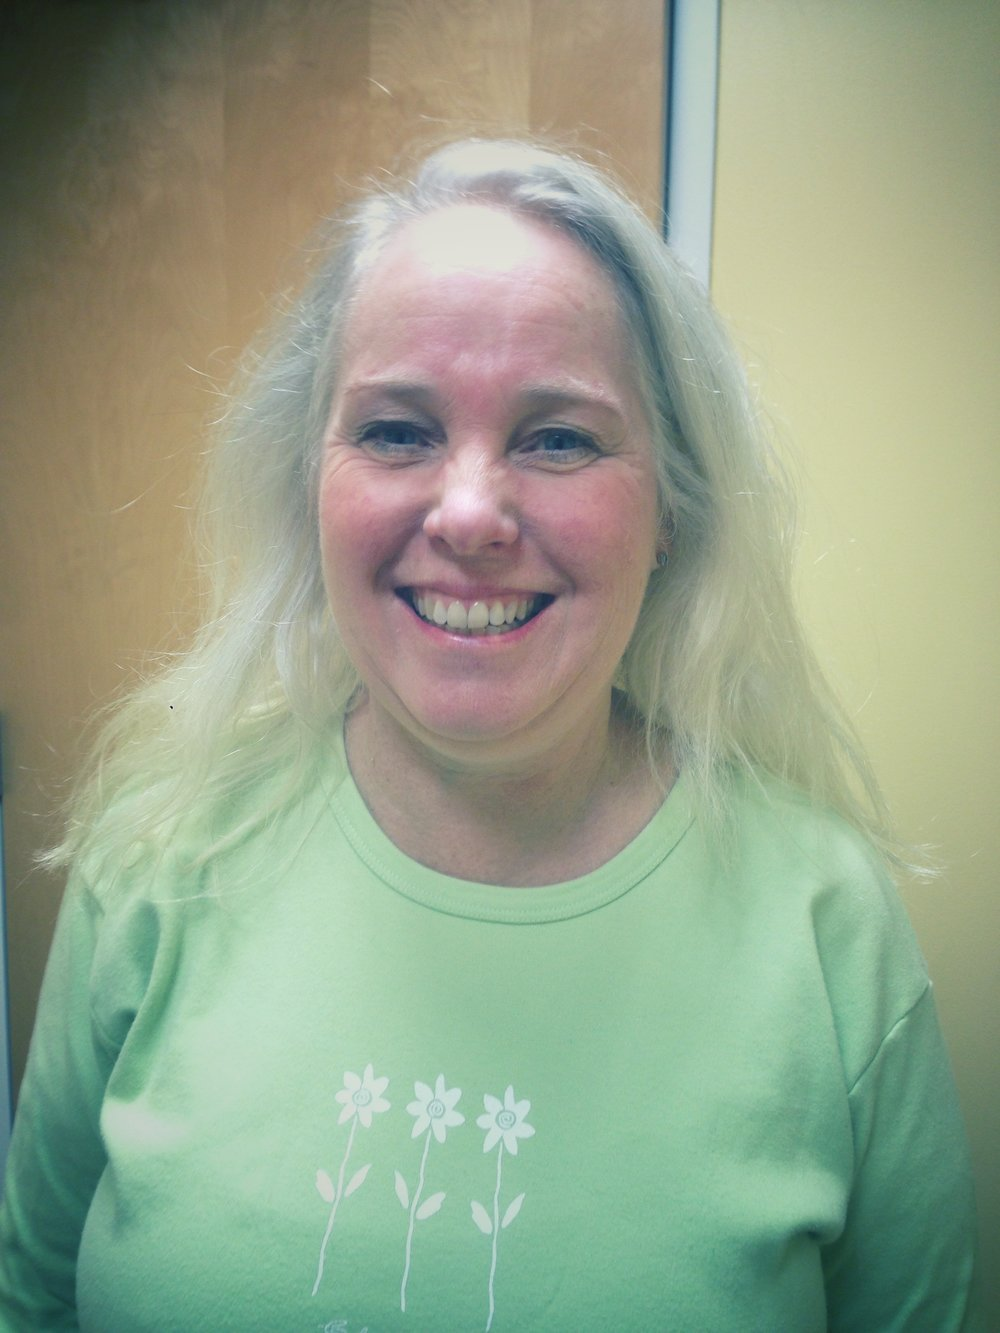 Meet Liz, Ms December 2016